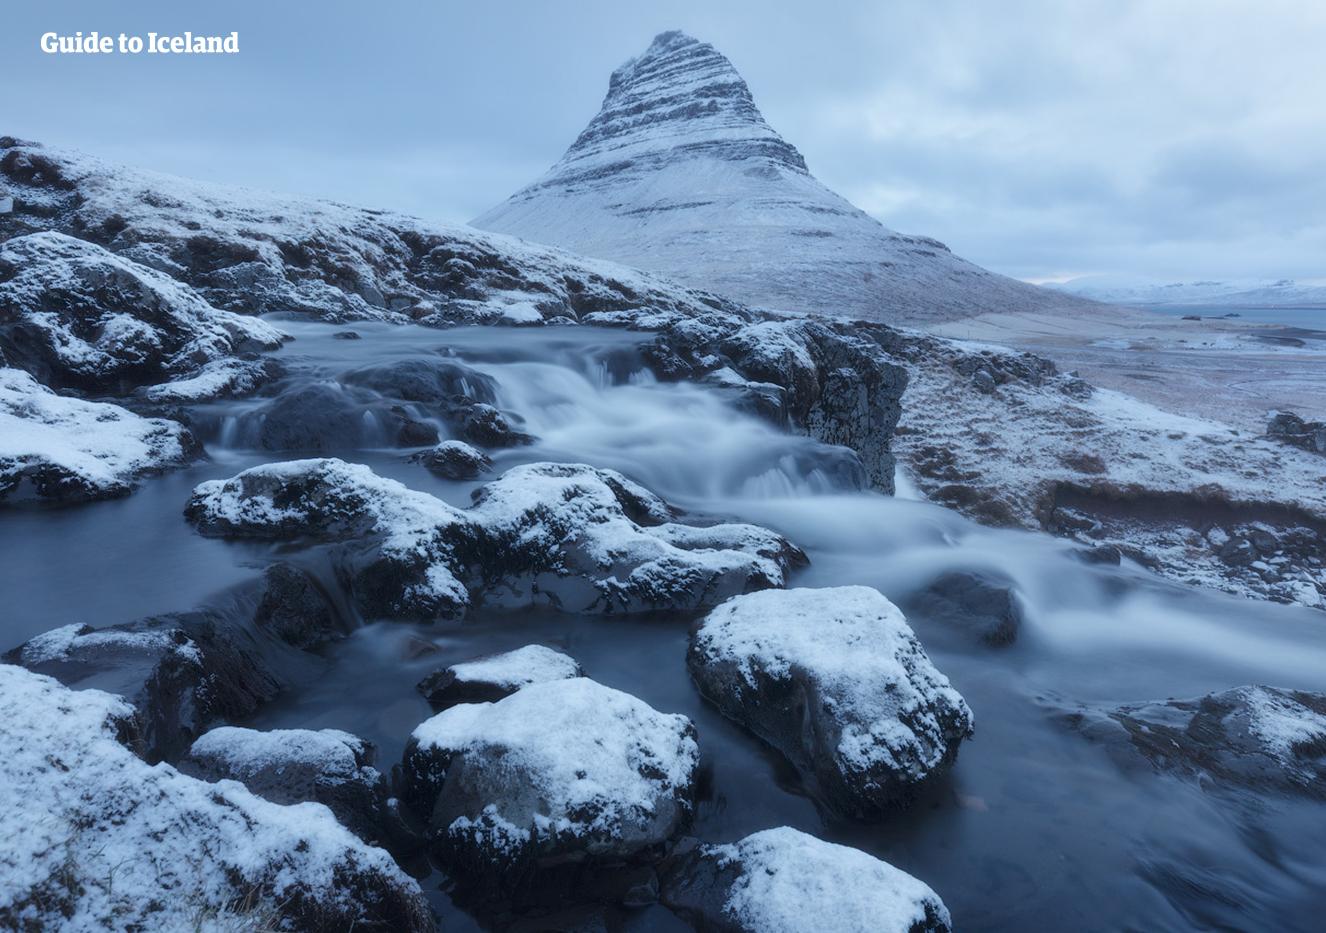 11-дневный зимний автотур | Природа Южного побережья и Западная Исландия - day 3